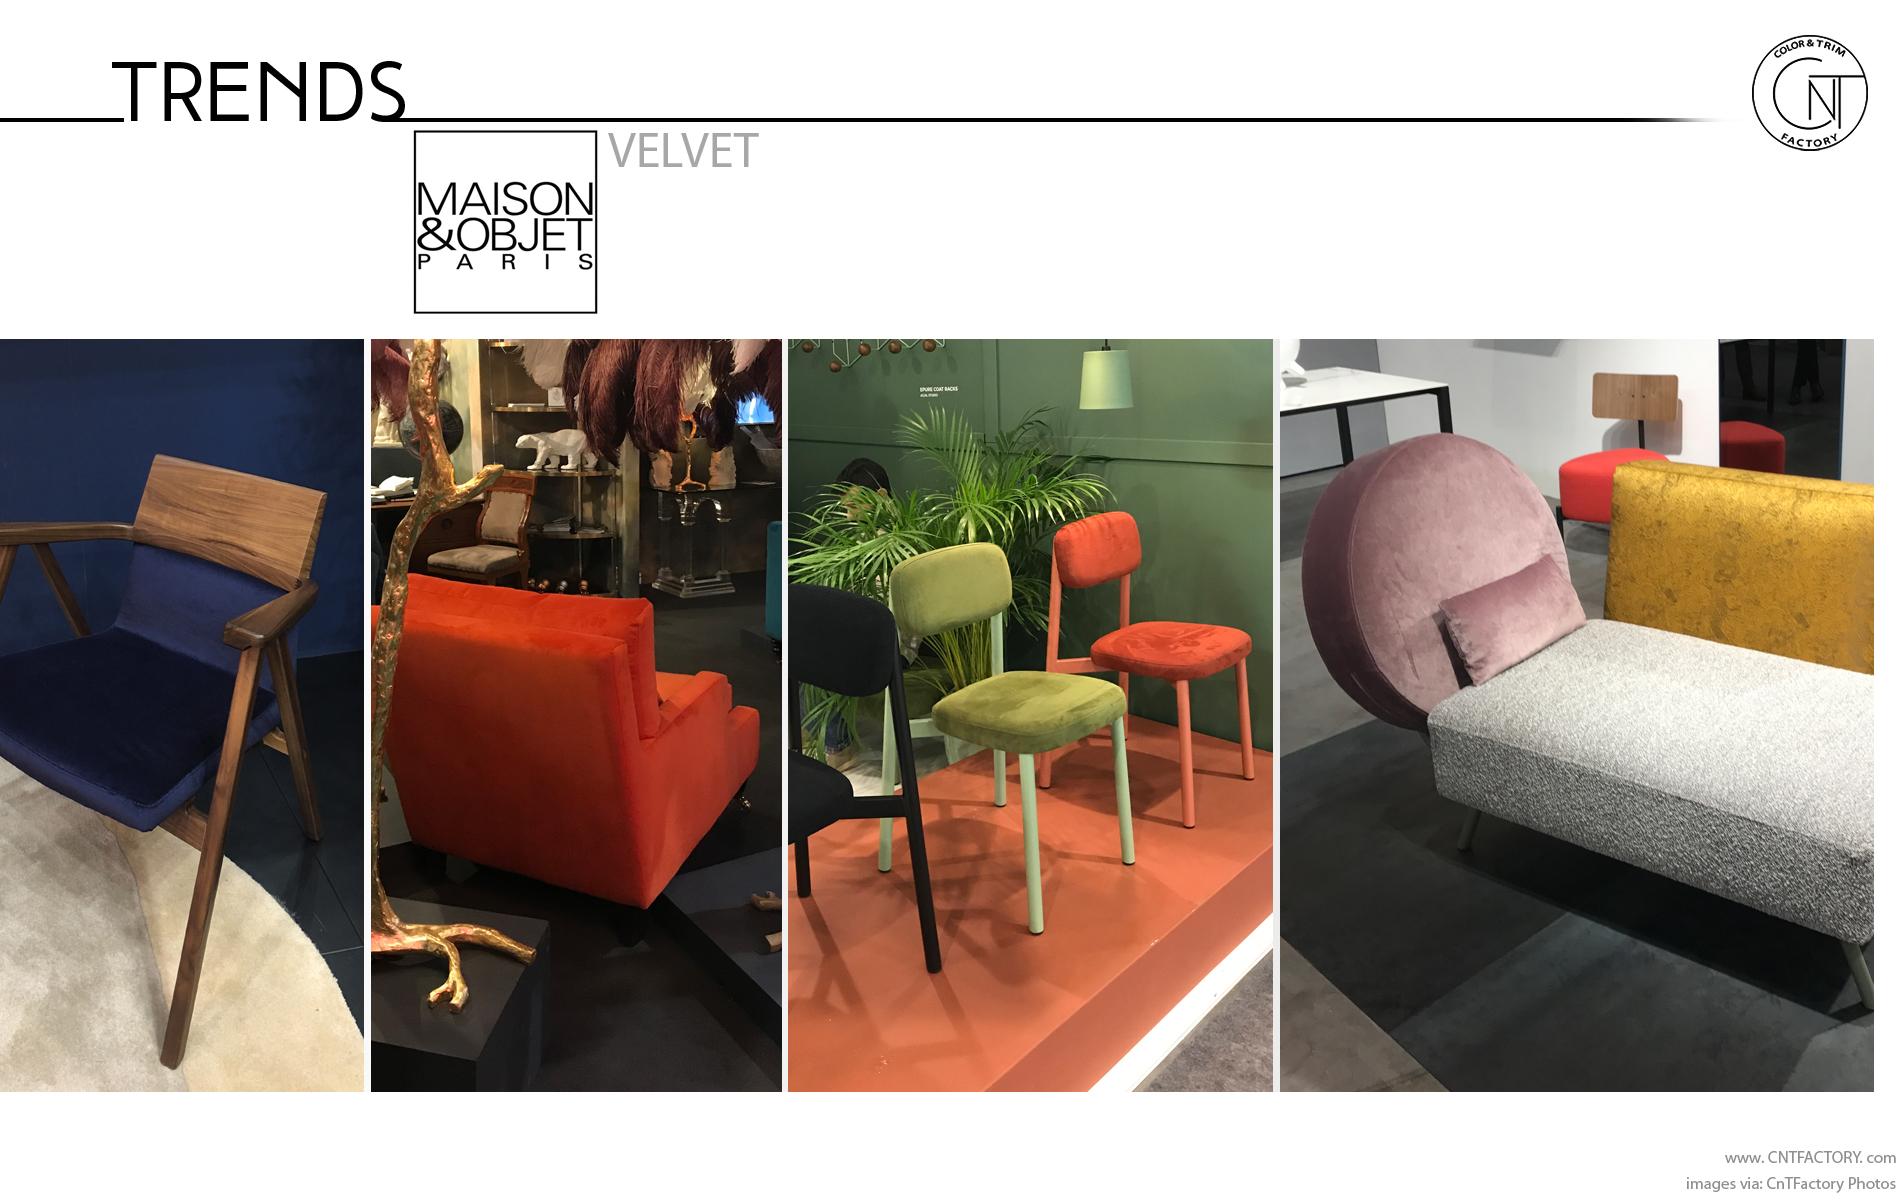 Maison Objet Paris Trends